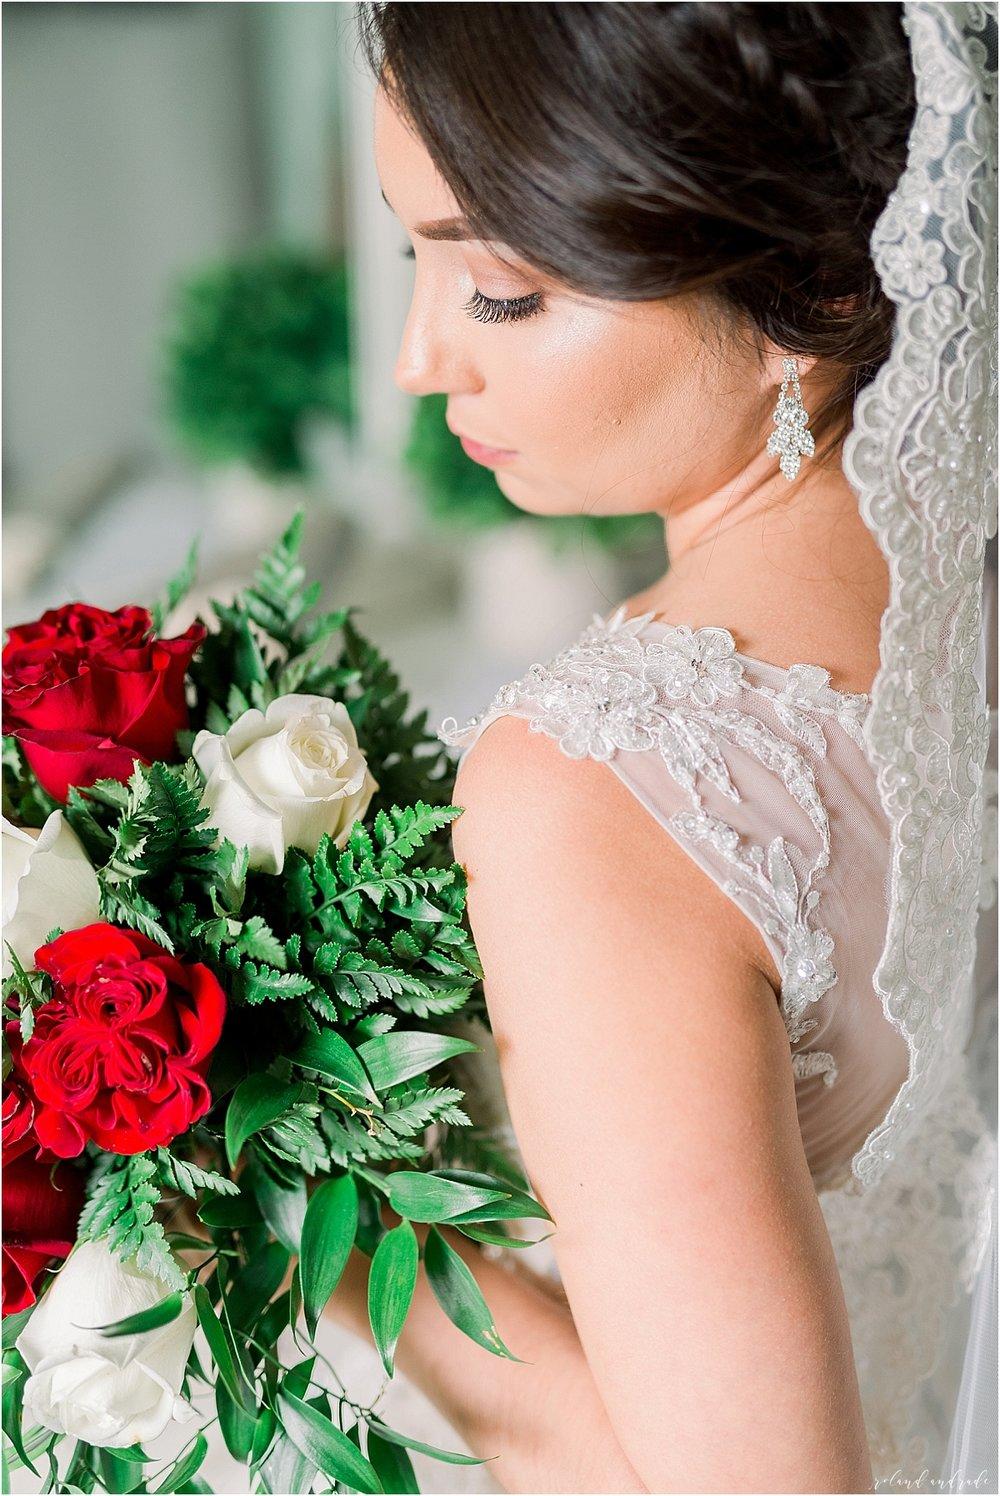 Alpine Banquets Wedding, Chicago Wedding Photographer, Naperville Wedding Photographer, Best Photographer In Aurora, Best Photographer In Chicago_0021.jpg